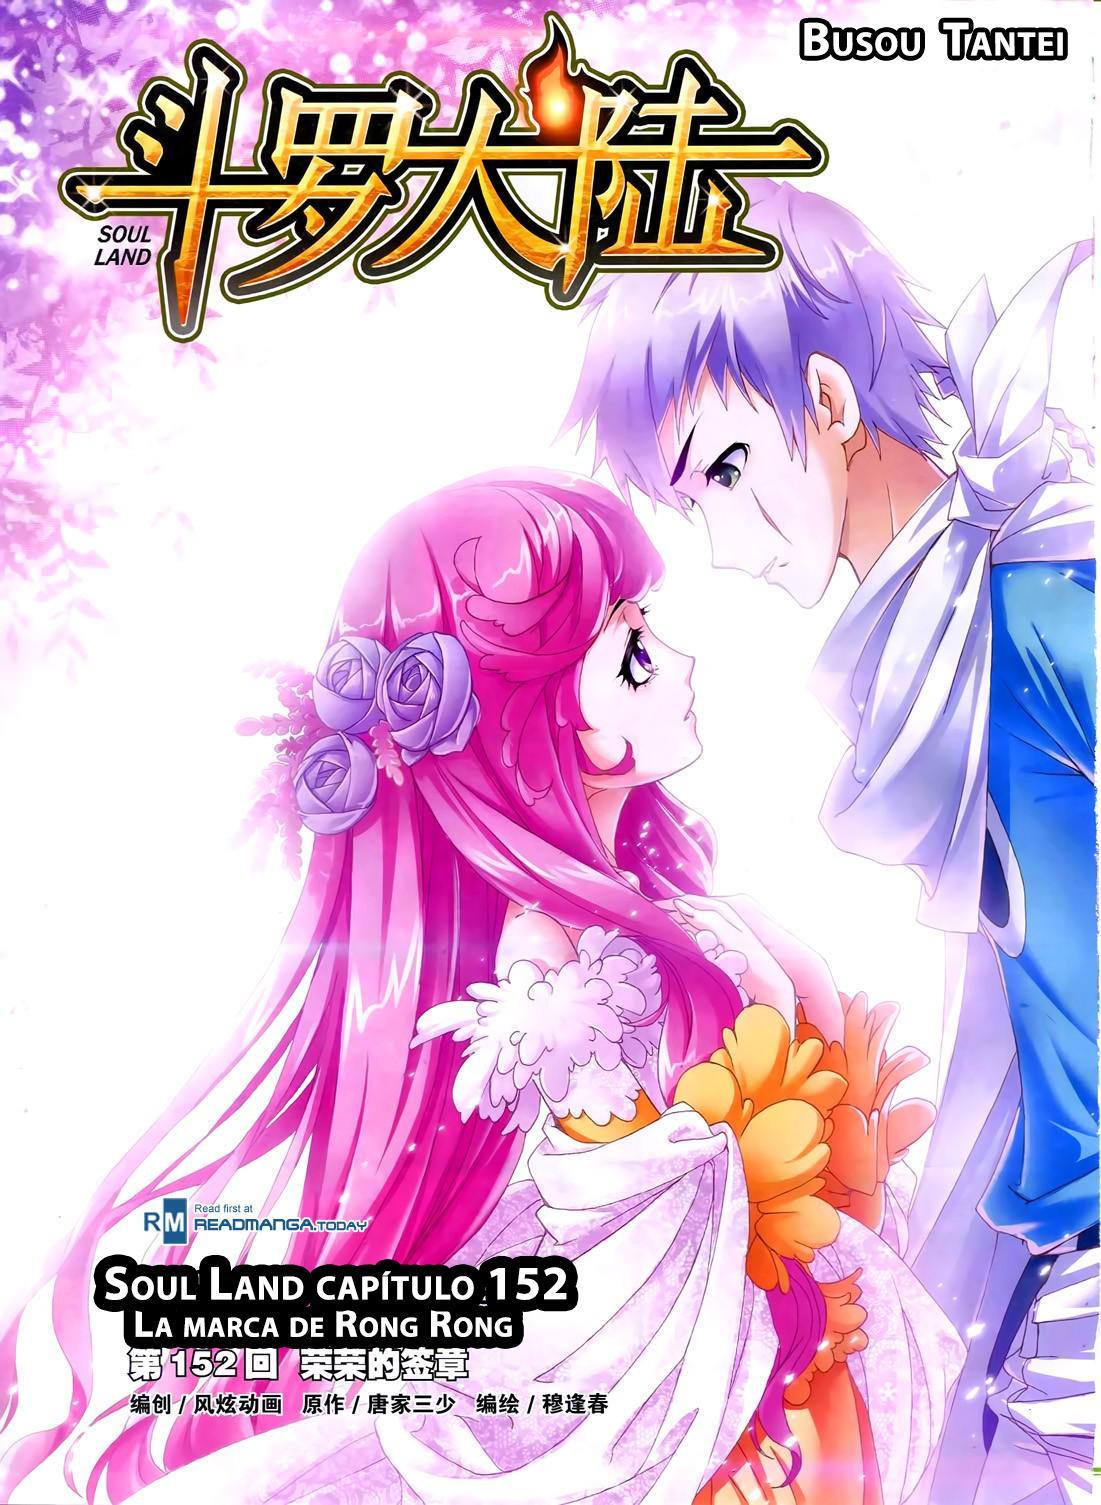 http://c5.ninemanga.com/es_manga/18/16210/433627/2451041557a22145b3701b0184109cab.jpg Page 2